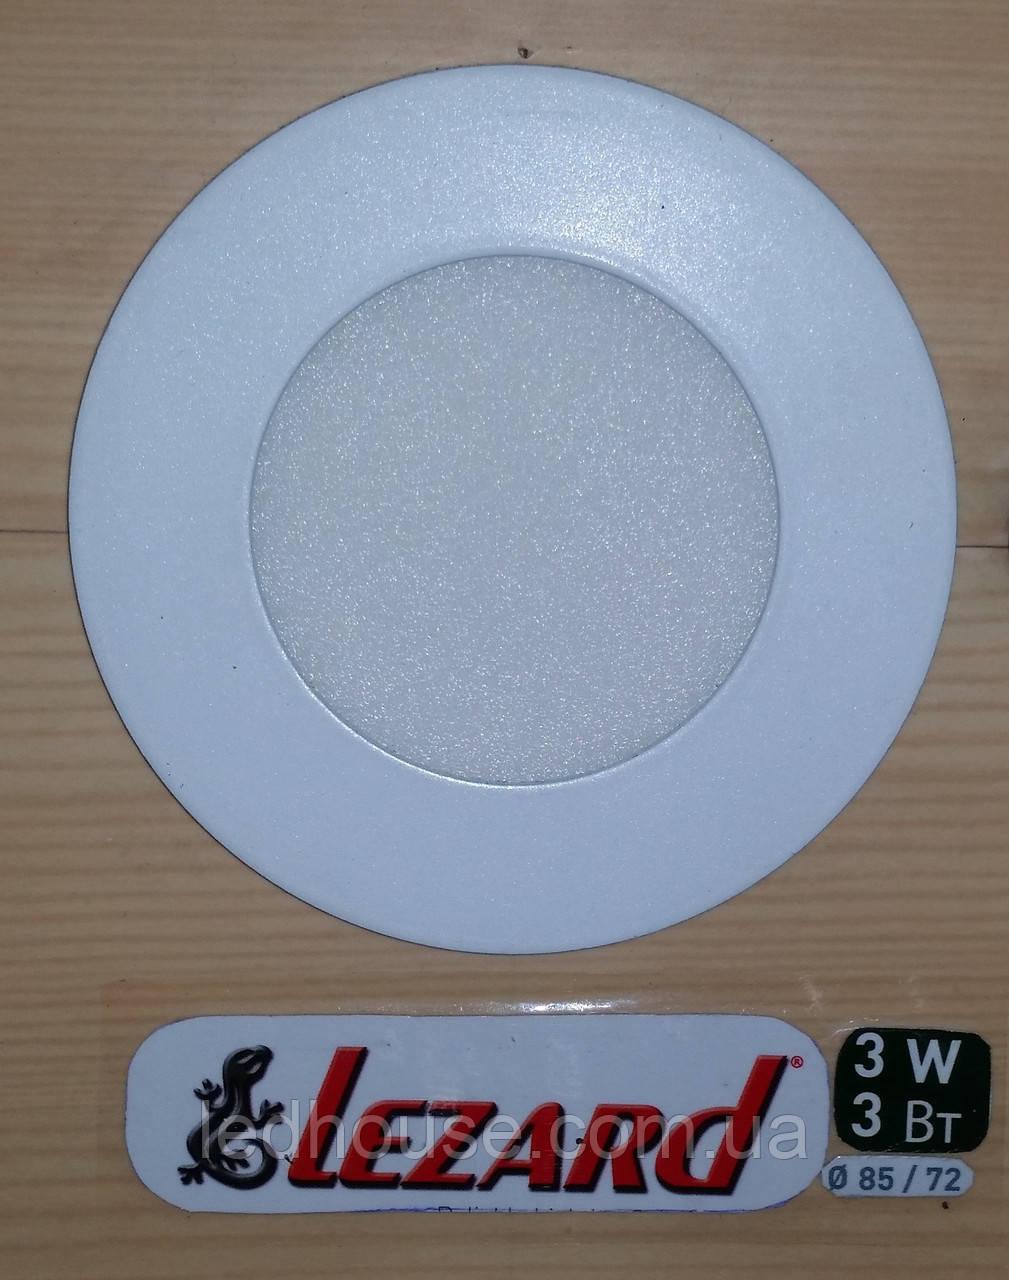 Светодиодная панель круглая-3Вт (Ø85 / Ø72) 6400K, 240 люмен